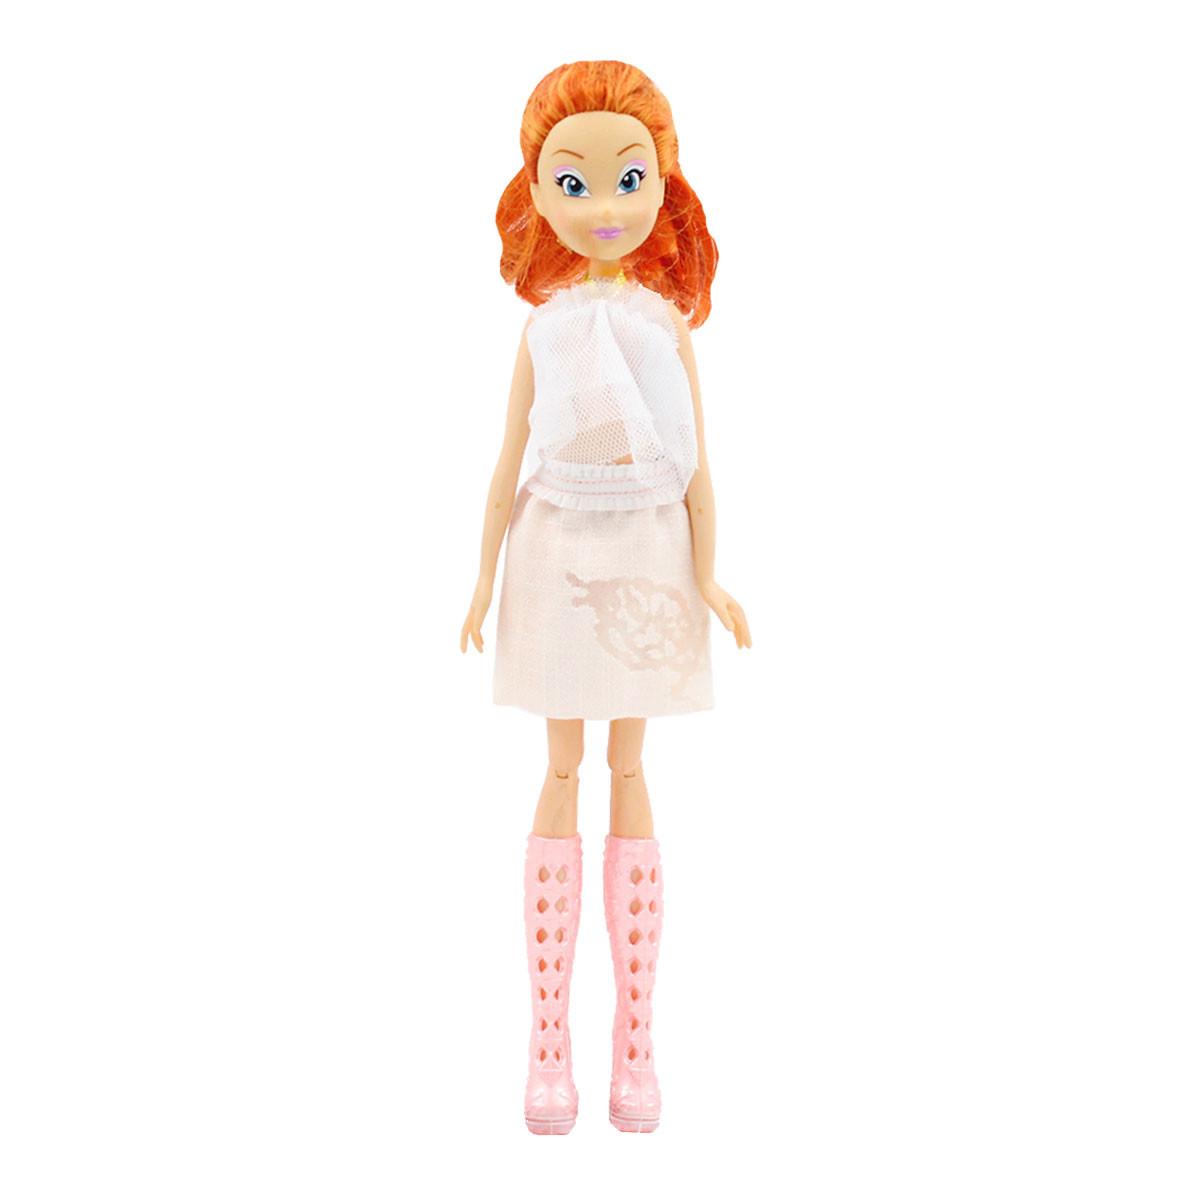 СП Одеваем кукол Paola Reina   323 фотографии   Одежда для